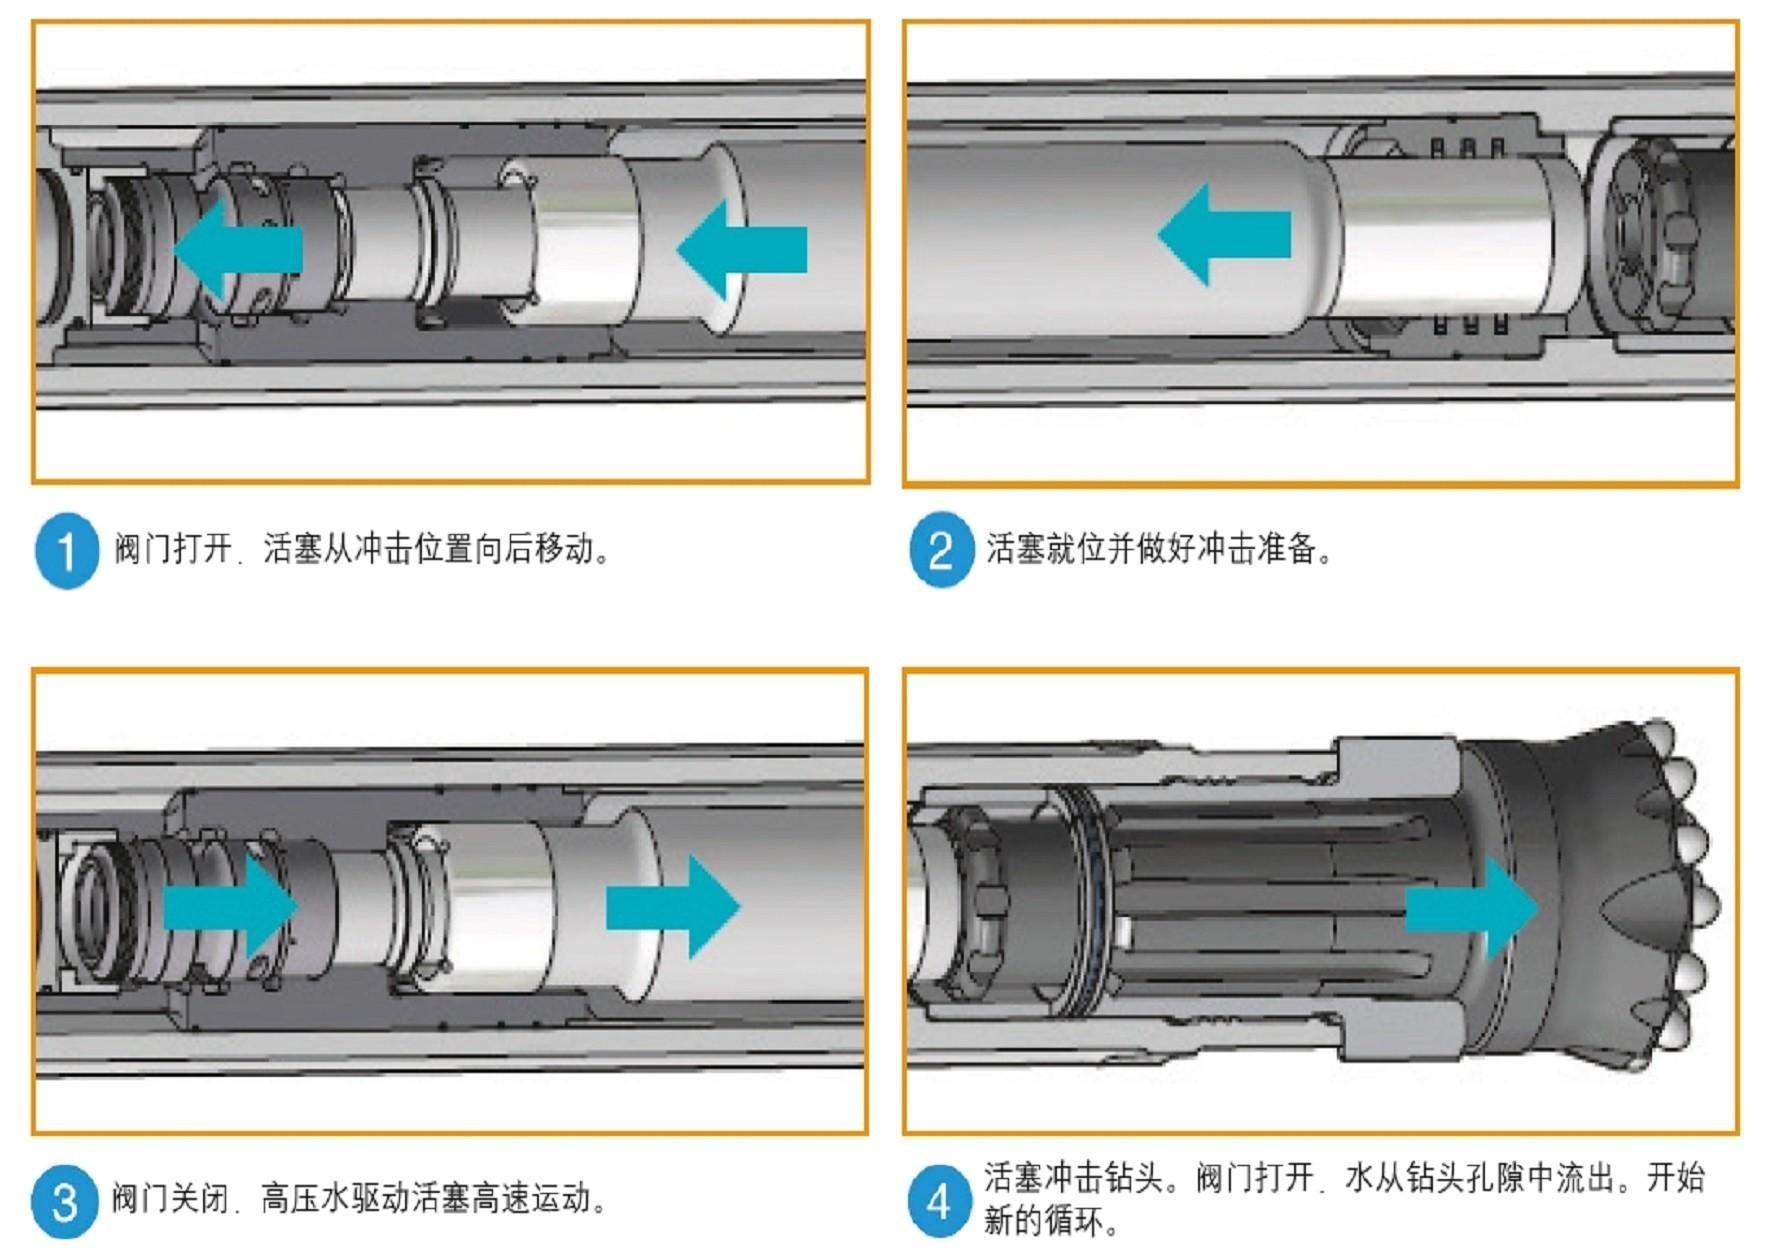 潜孔锤阀门技术图示.jpg